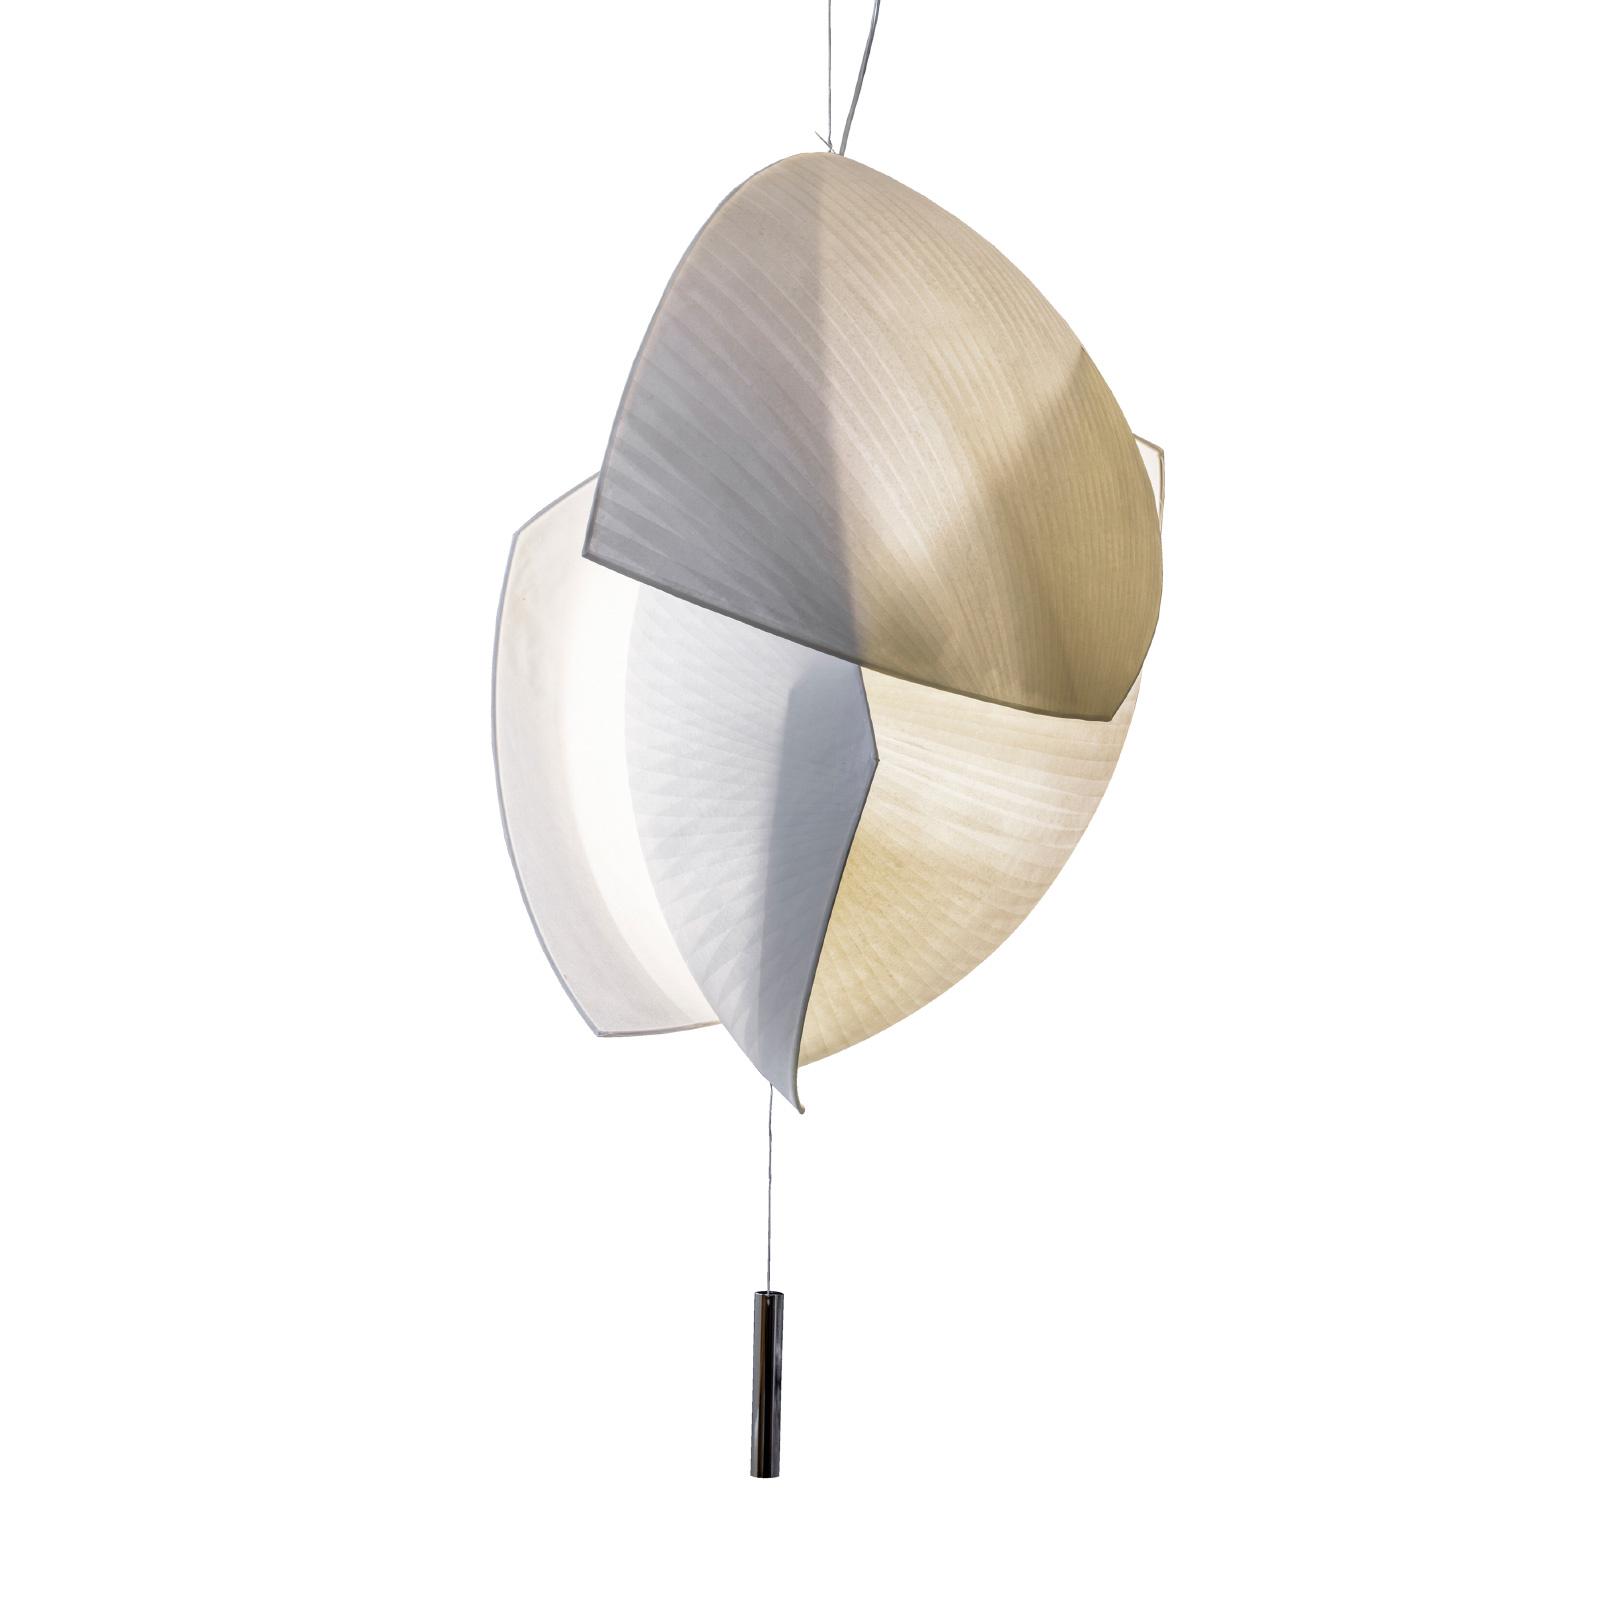 Grok Voiles LED-hengelampe 95x70 cm, dimbar 1-10V